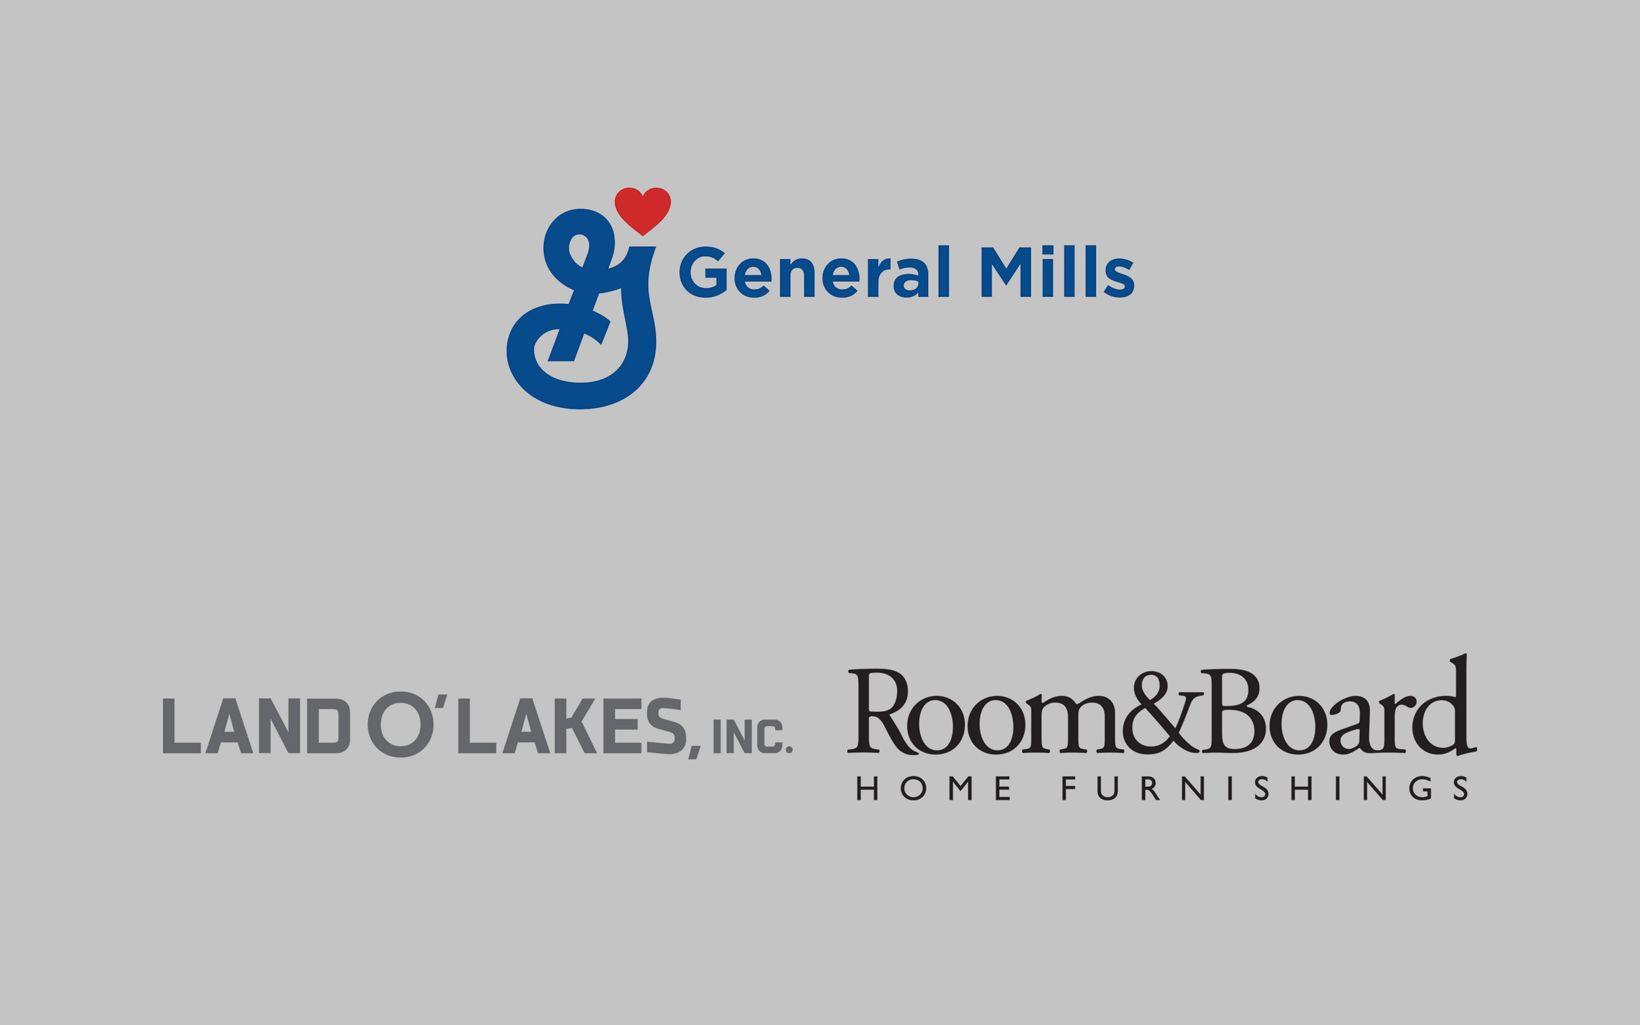 Lake Sponsors logos